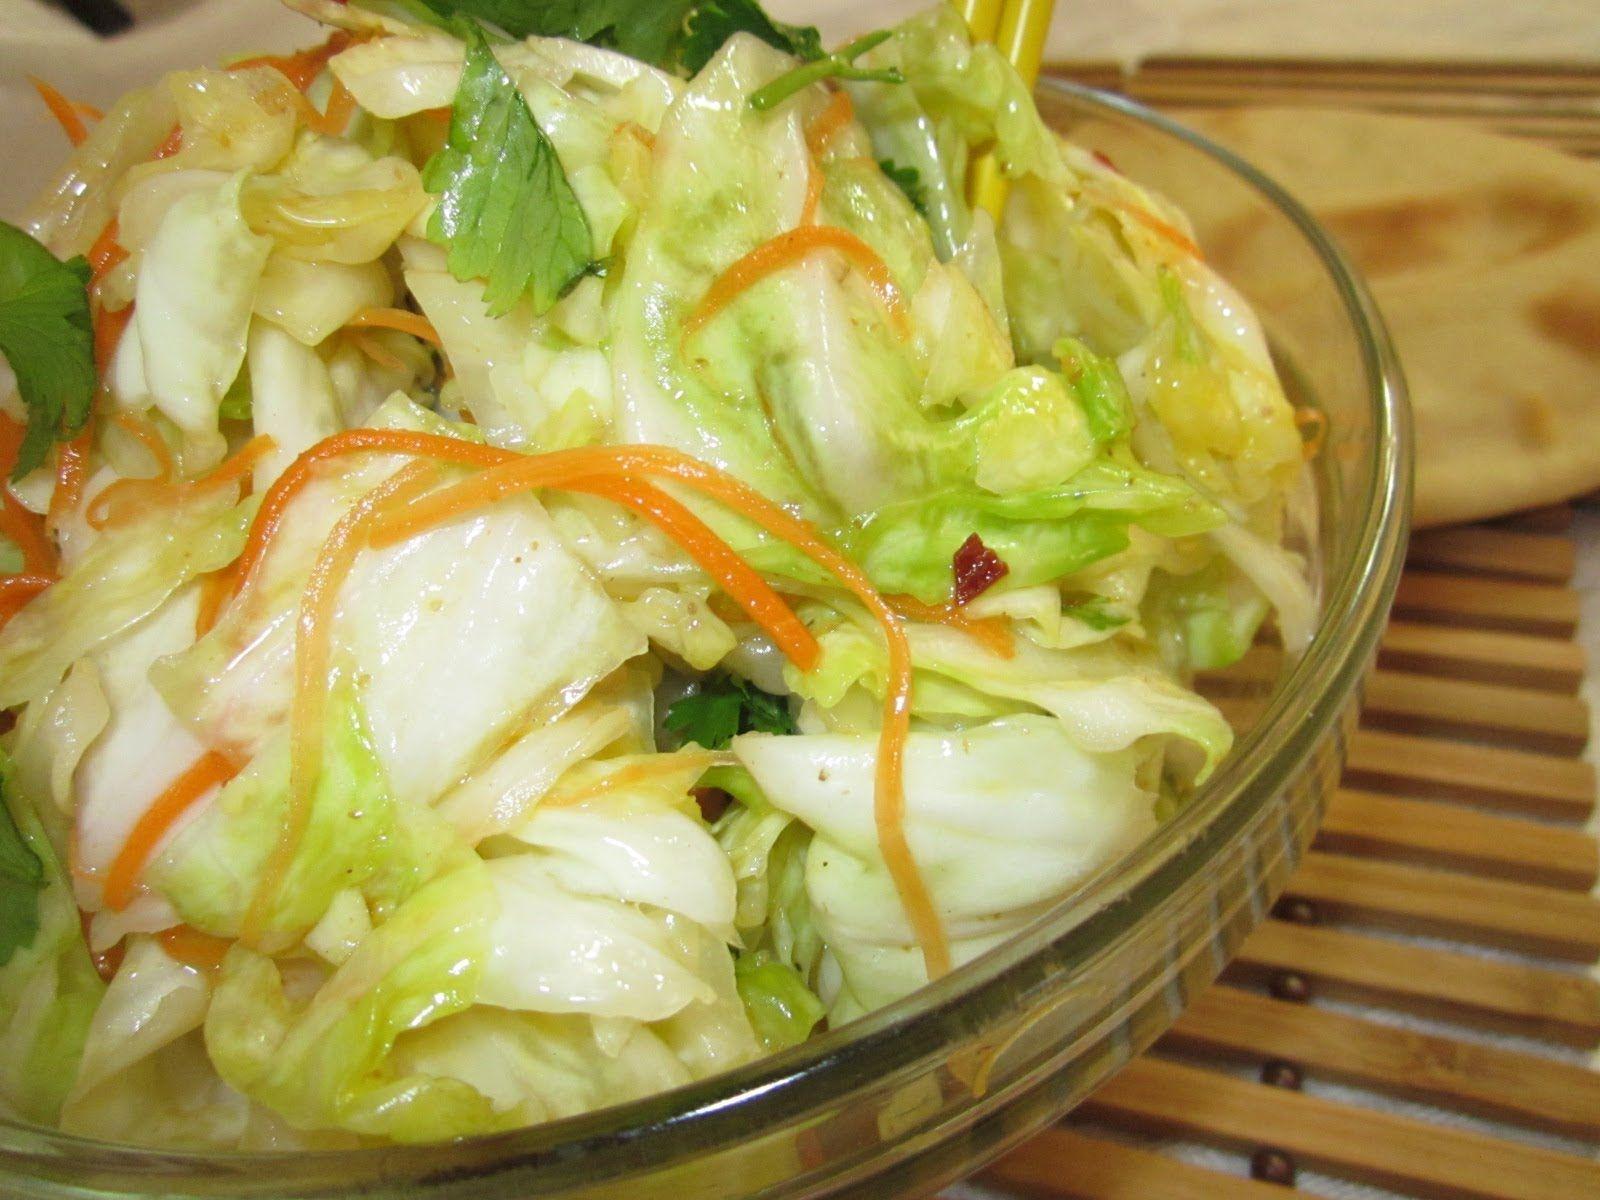 вам много рецепт с картинкой капусты по корейски гадать рунах